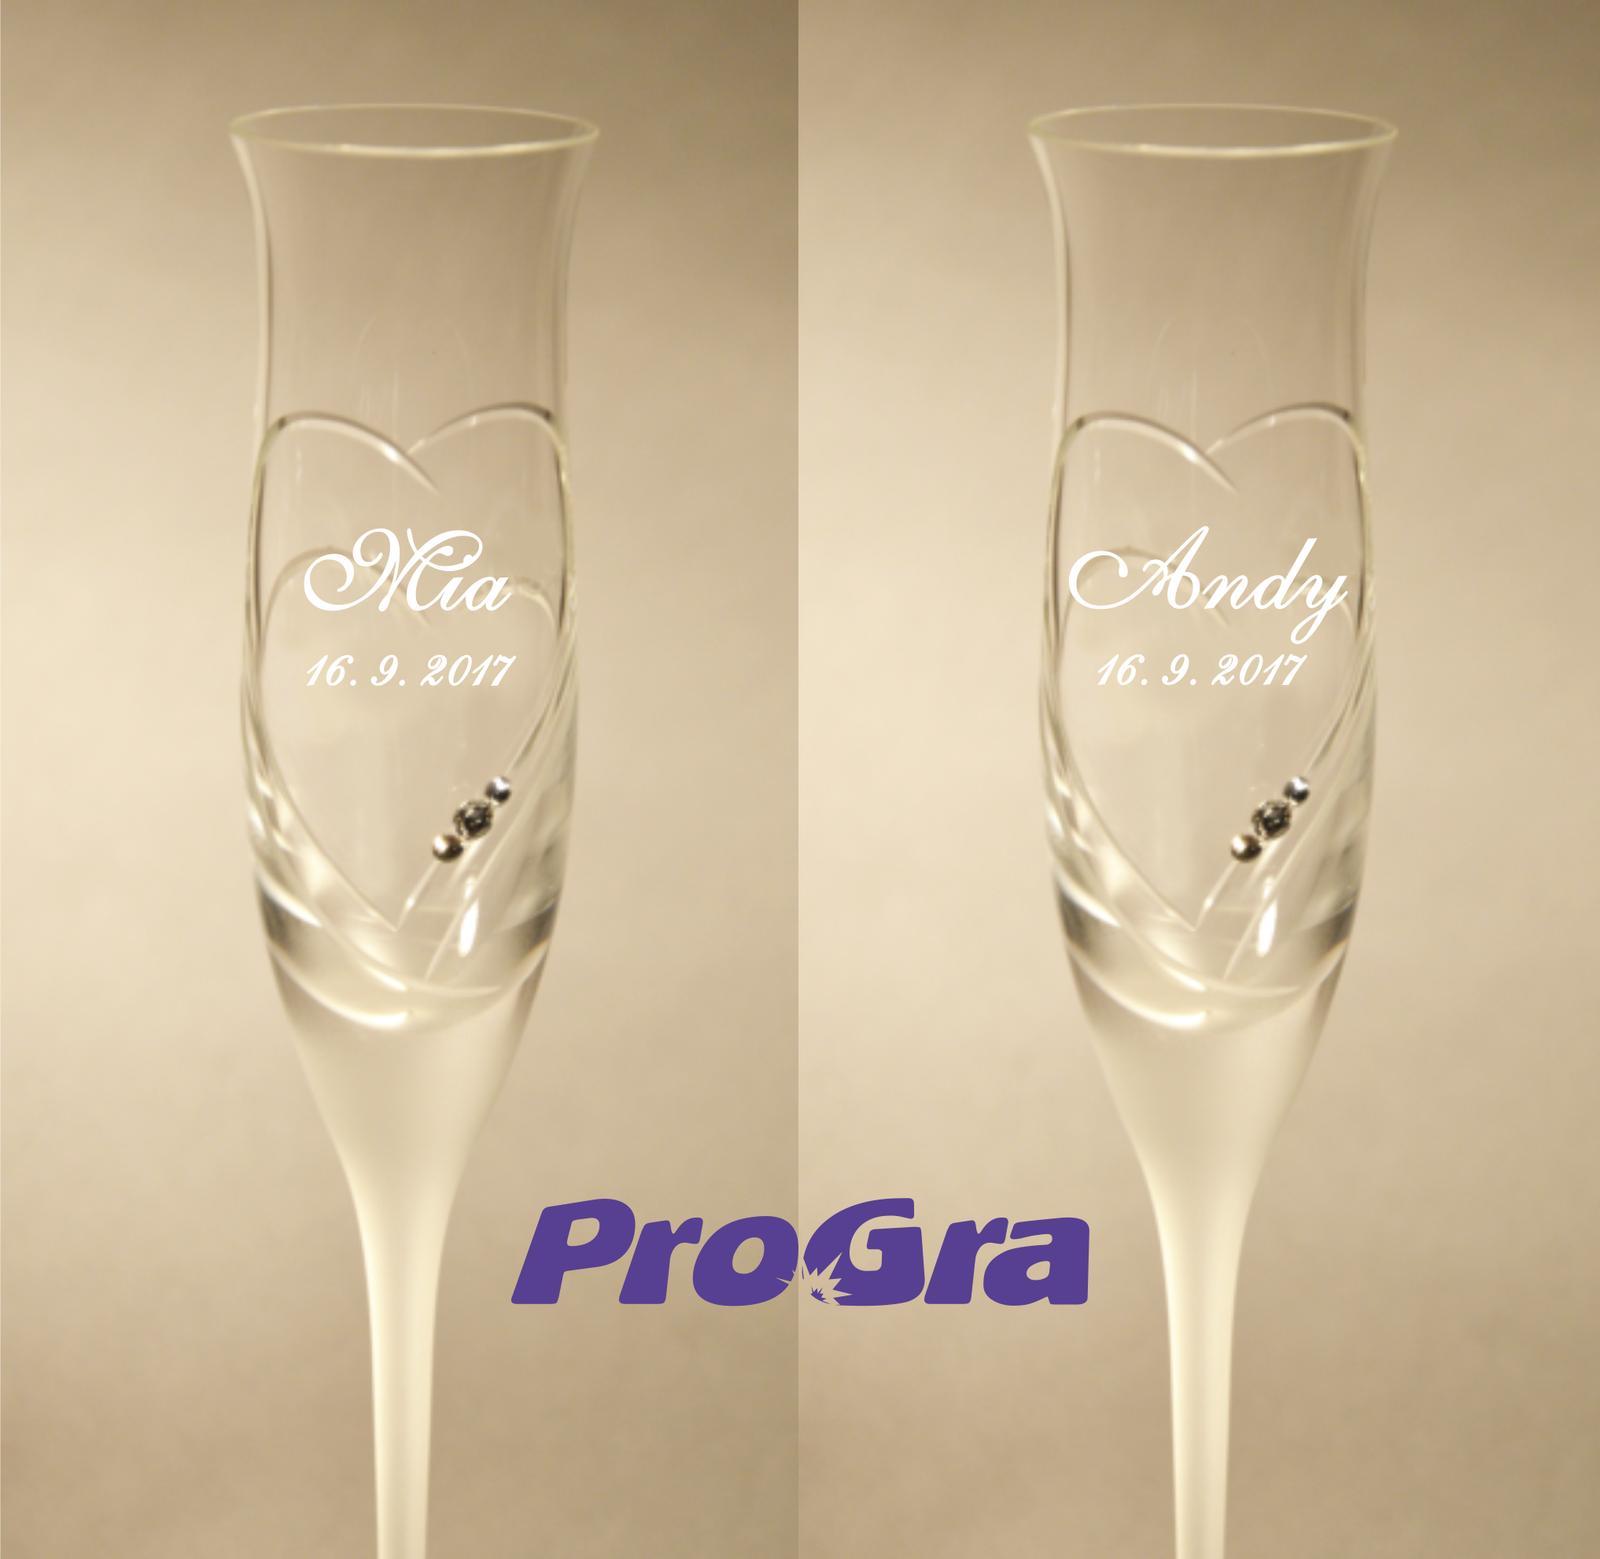 Svatební skleničky - krásné, vysoké a elegantní svatební poháry Mia - novinka tohoto roku v našem e-shopu